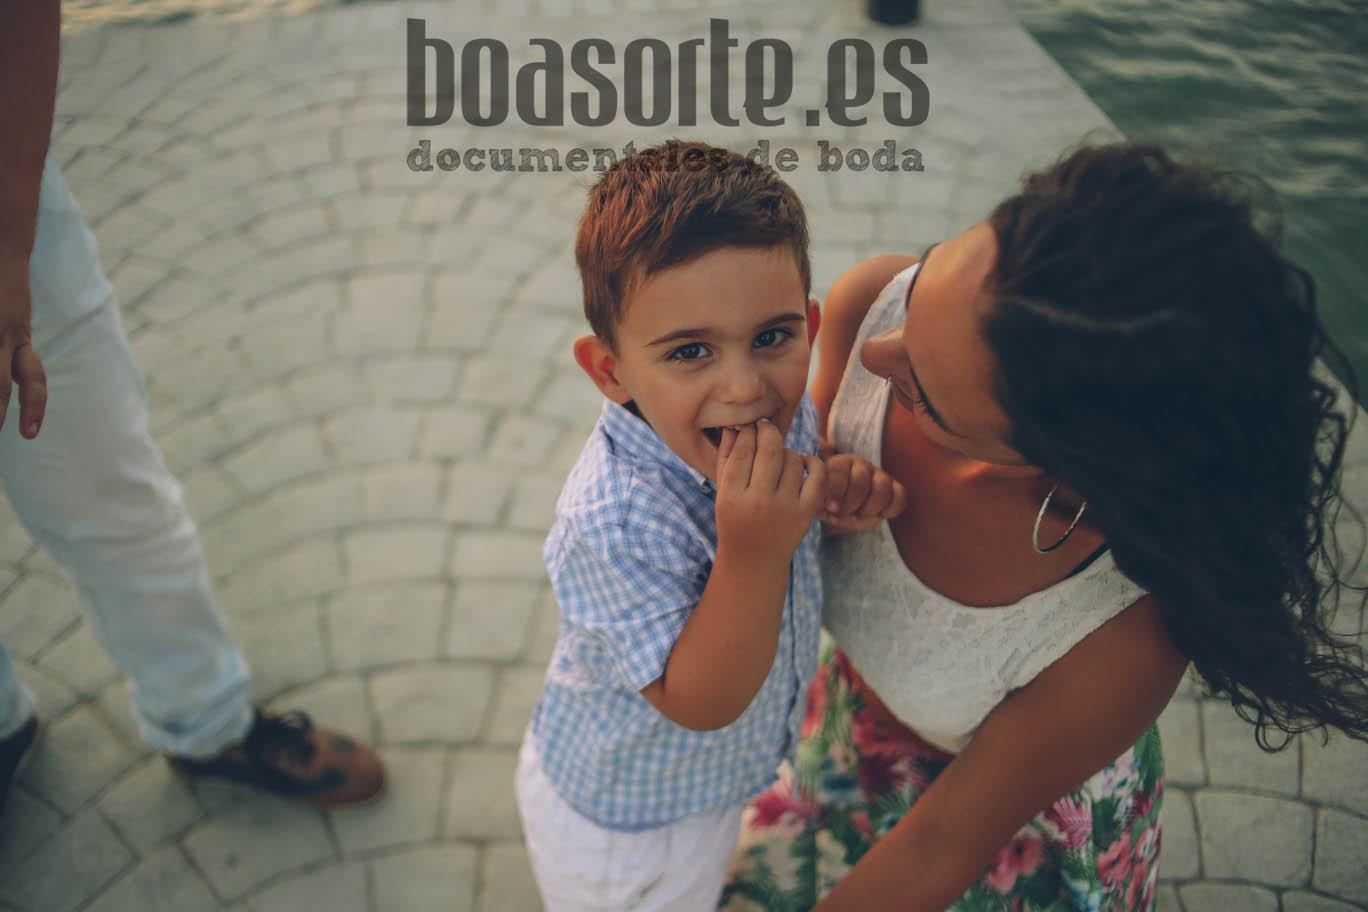 fotografia_preboda_en_familia_boasorte3